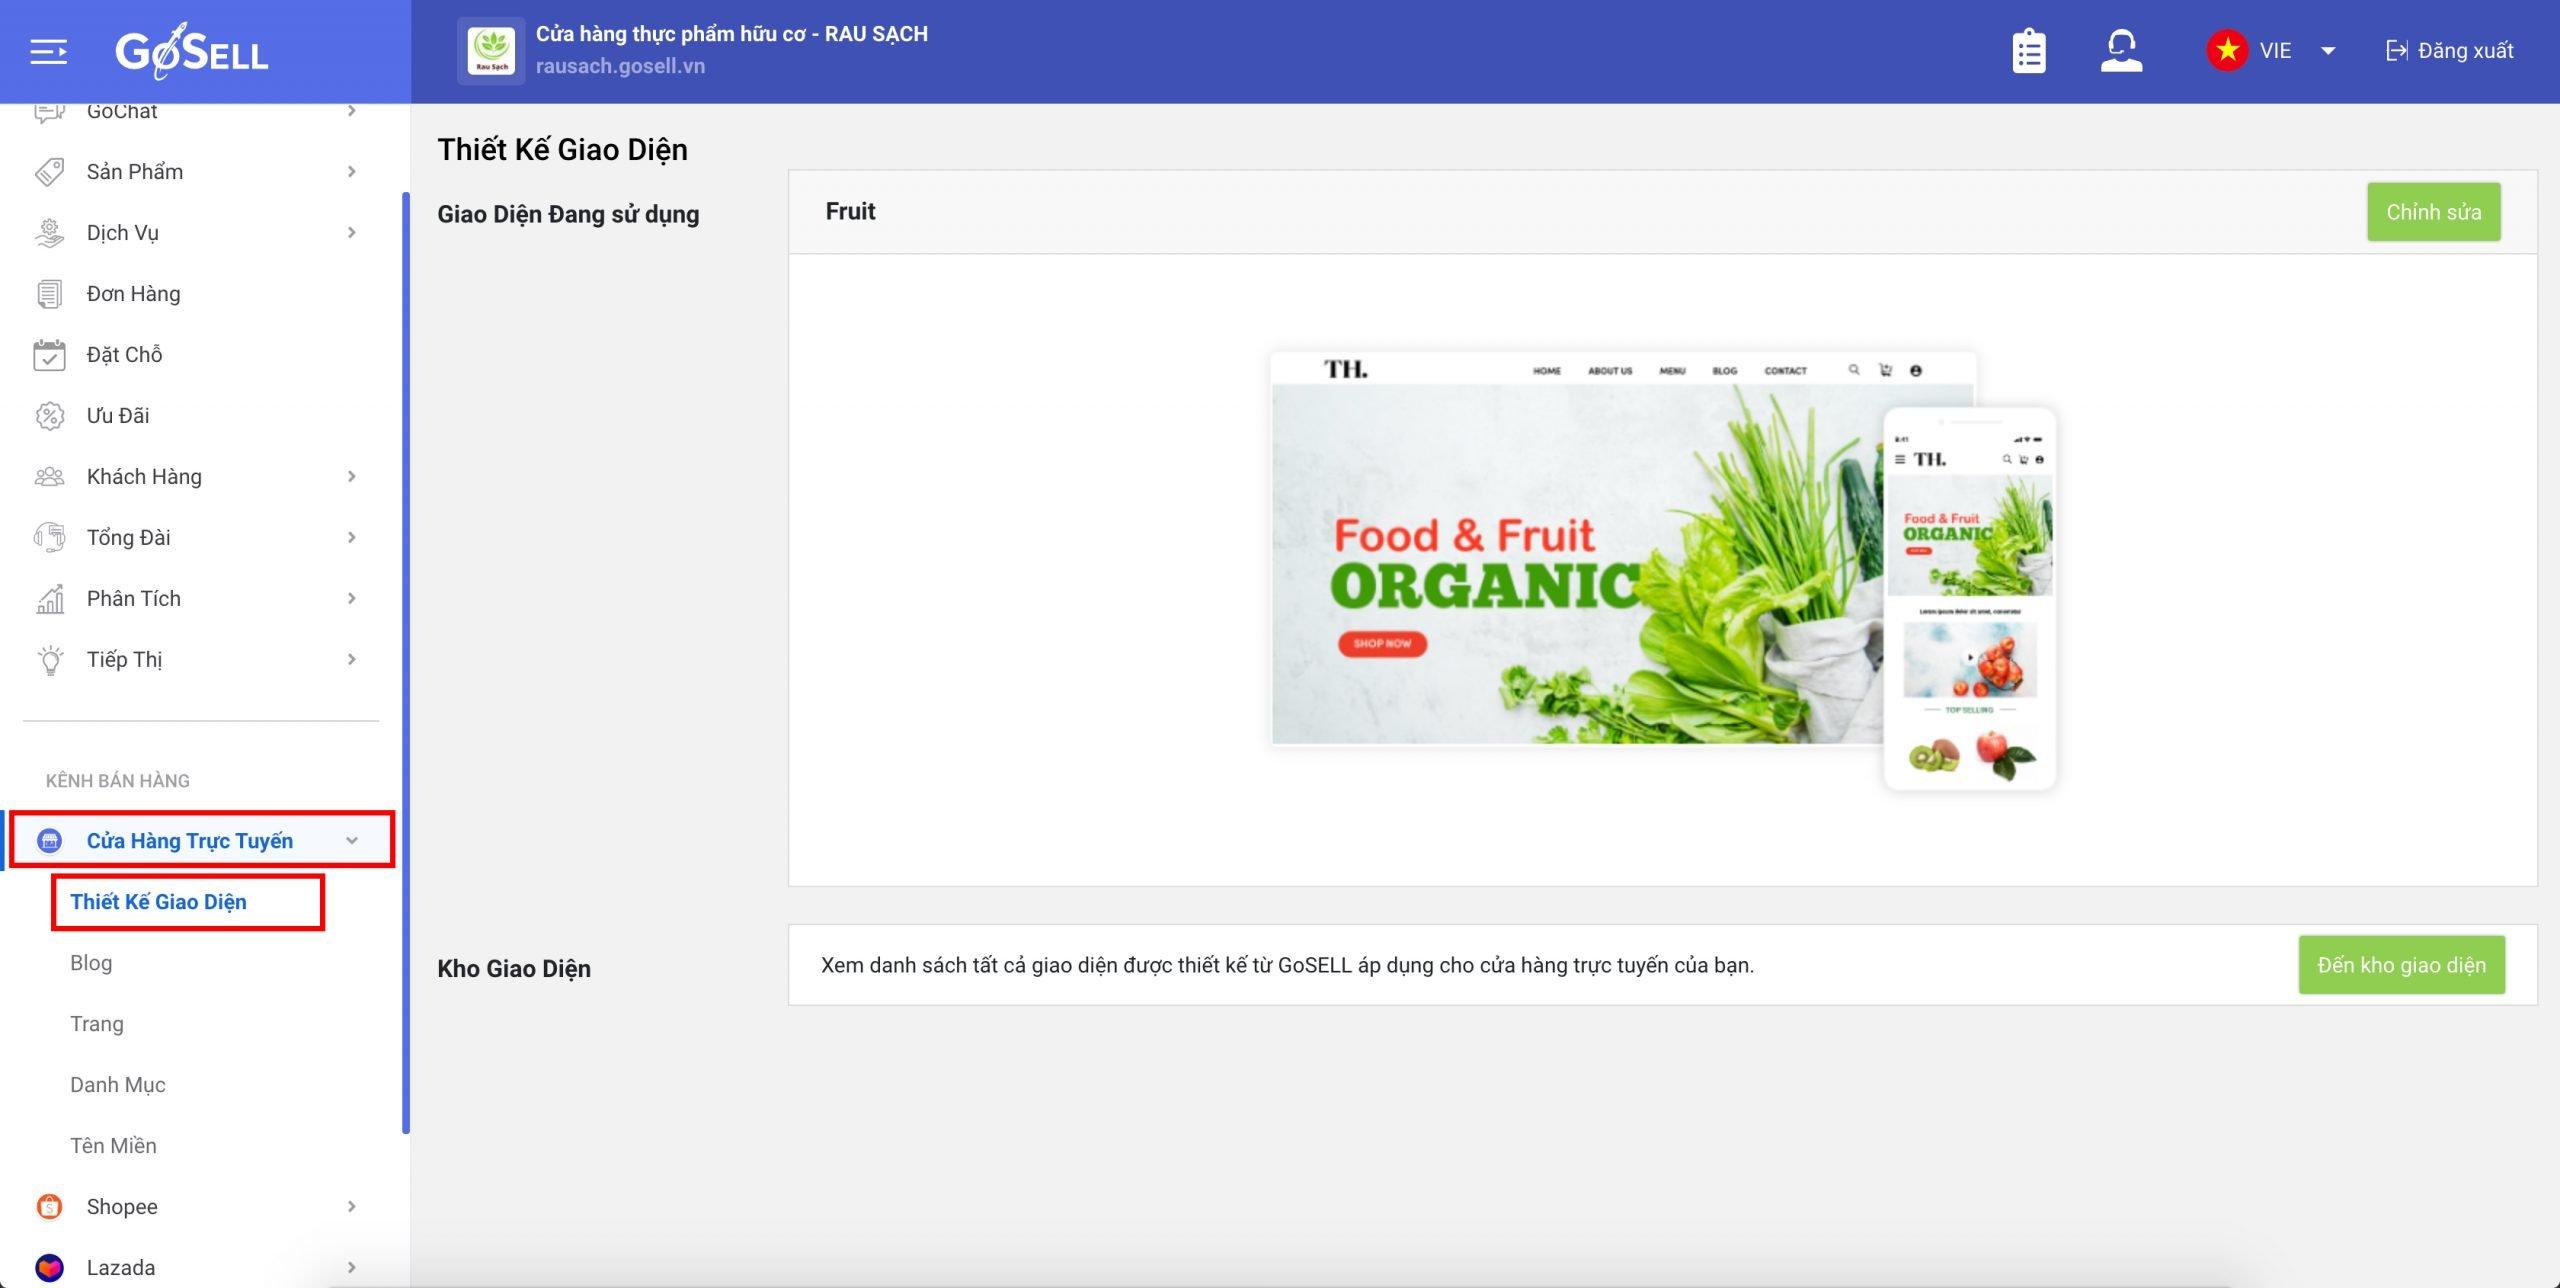 Cách tạo thanh menu hiển thị ở website